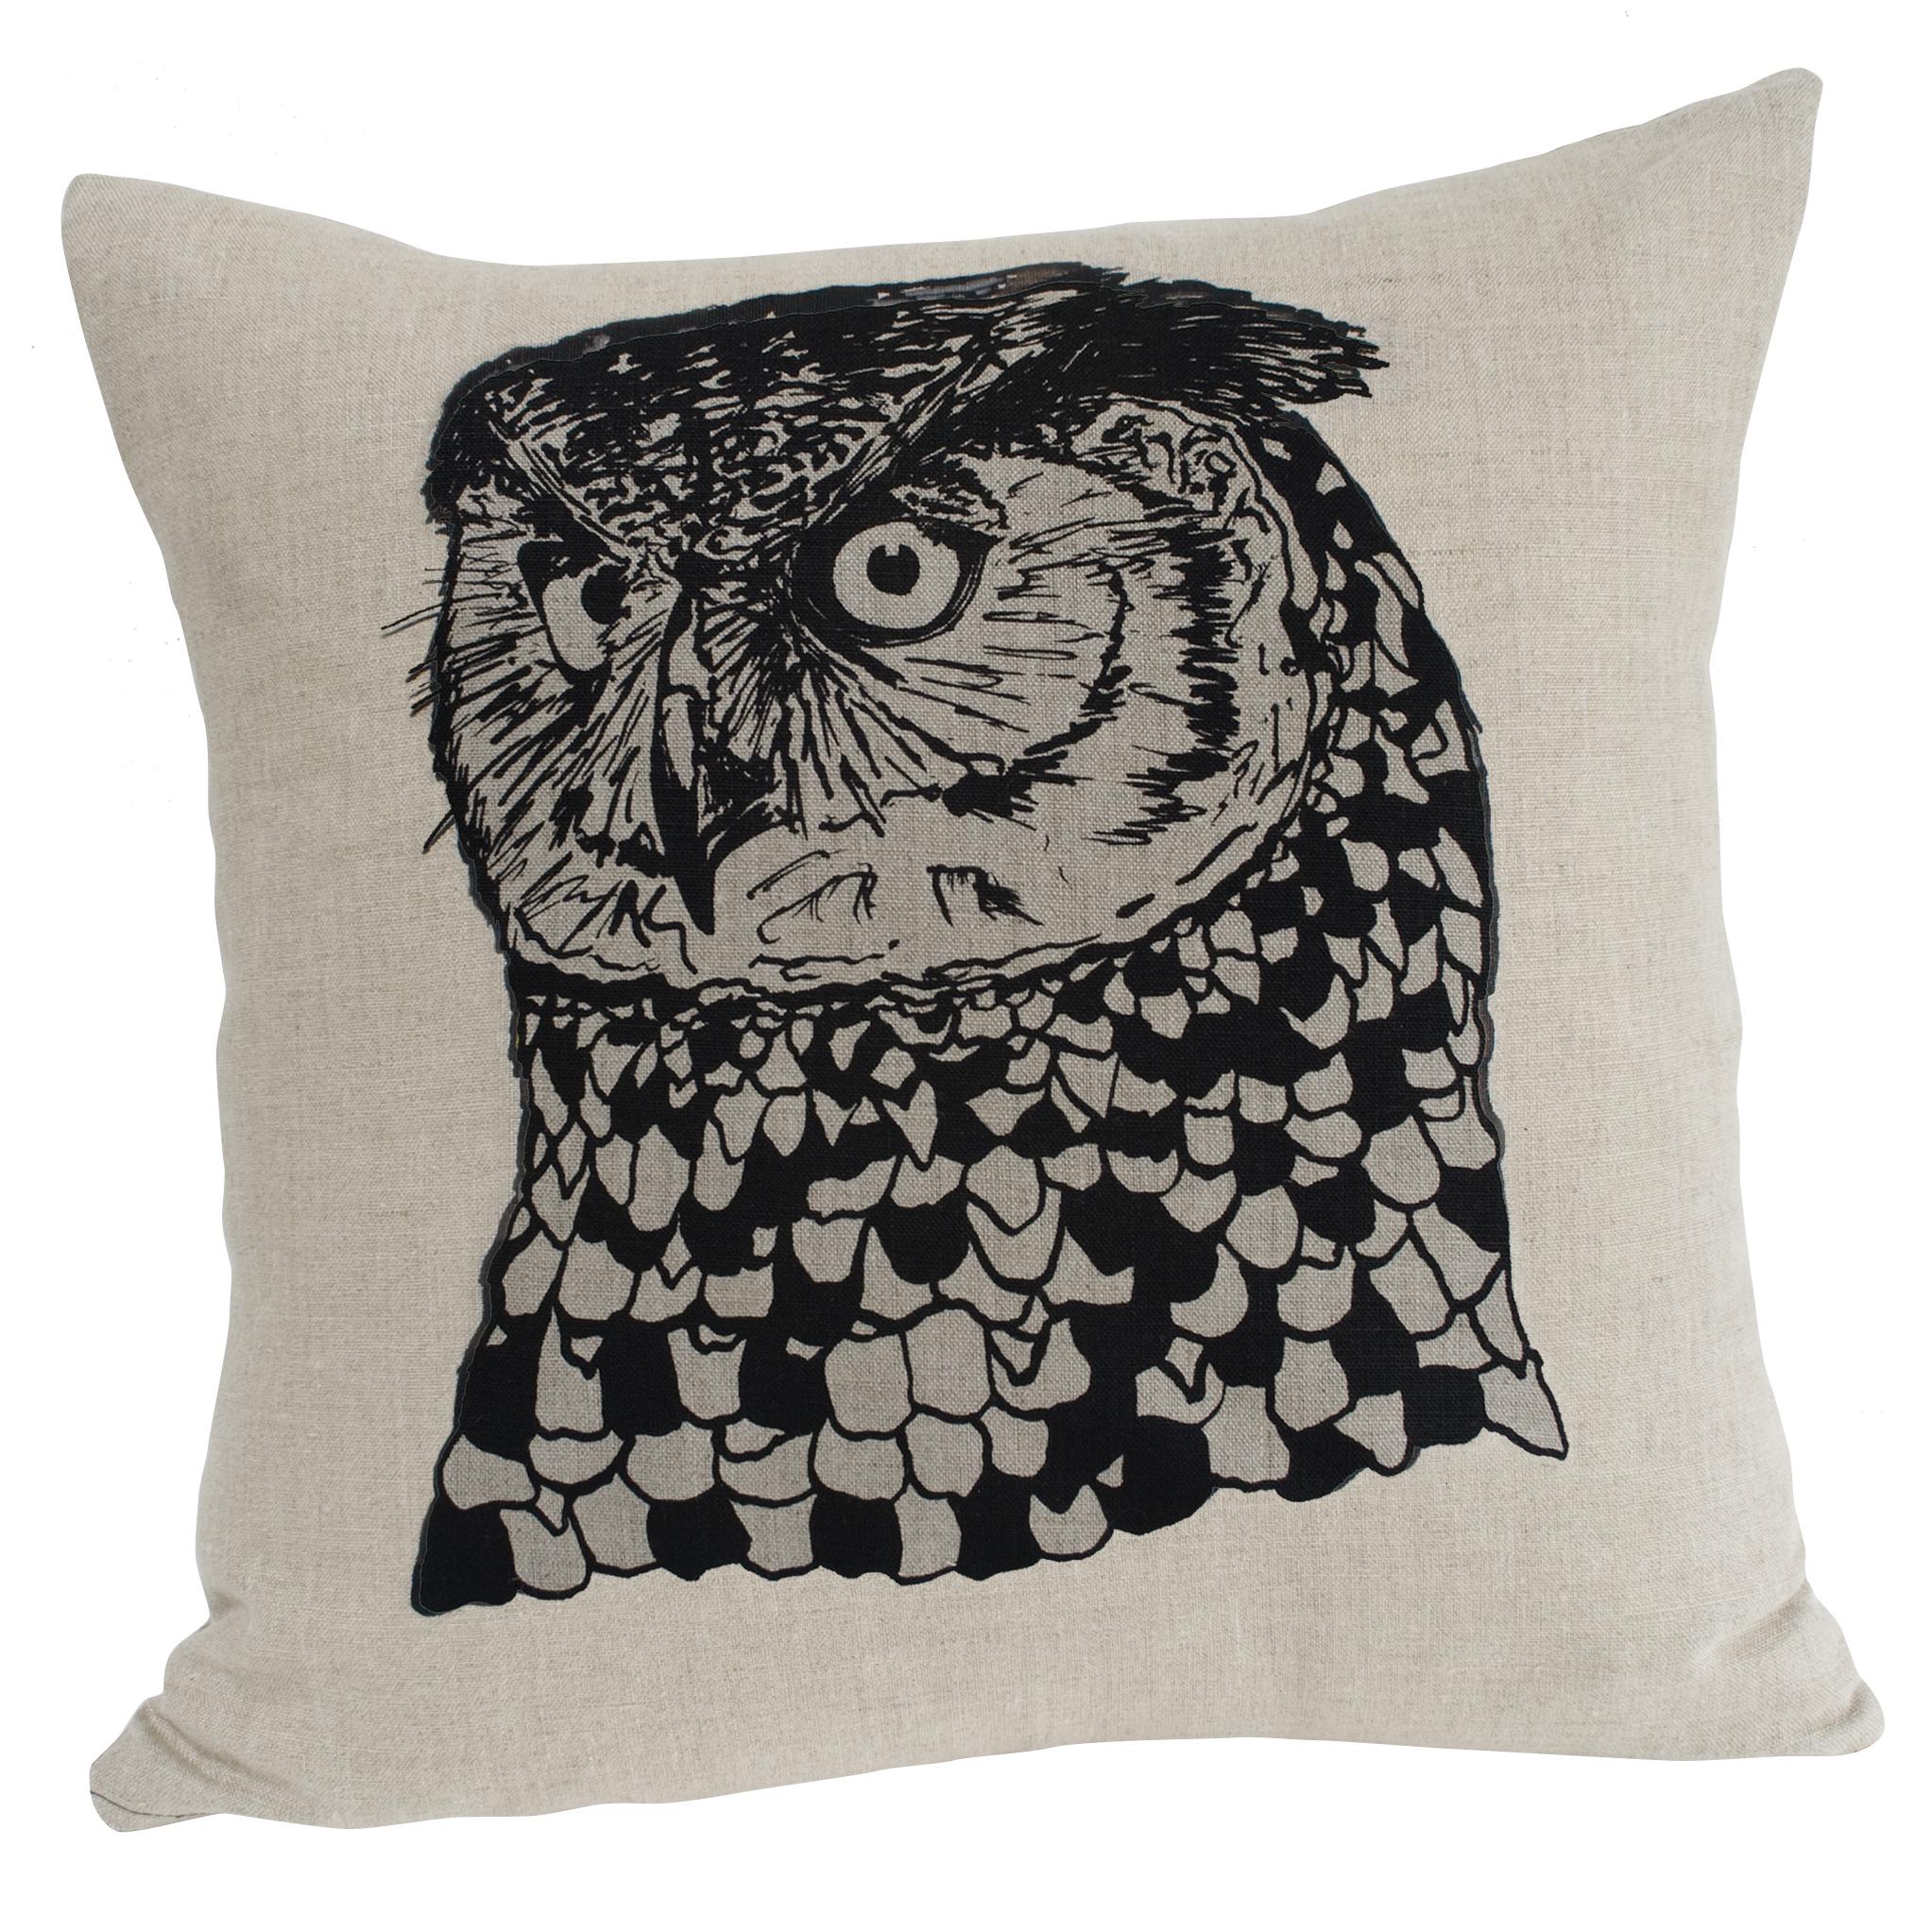 Owl Cushion by Sam Pickard